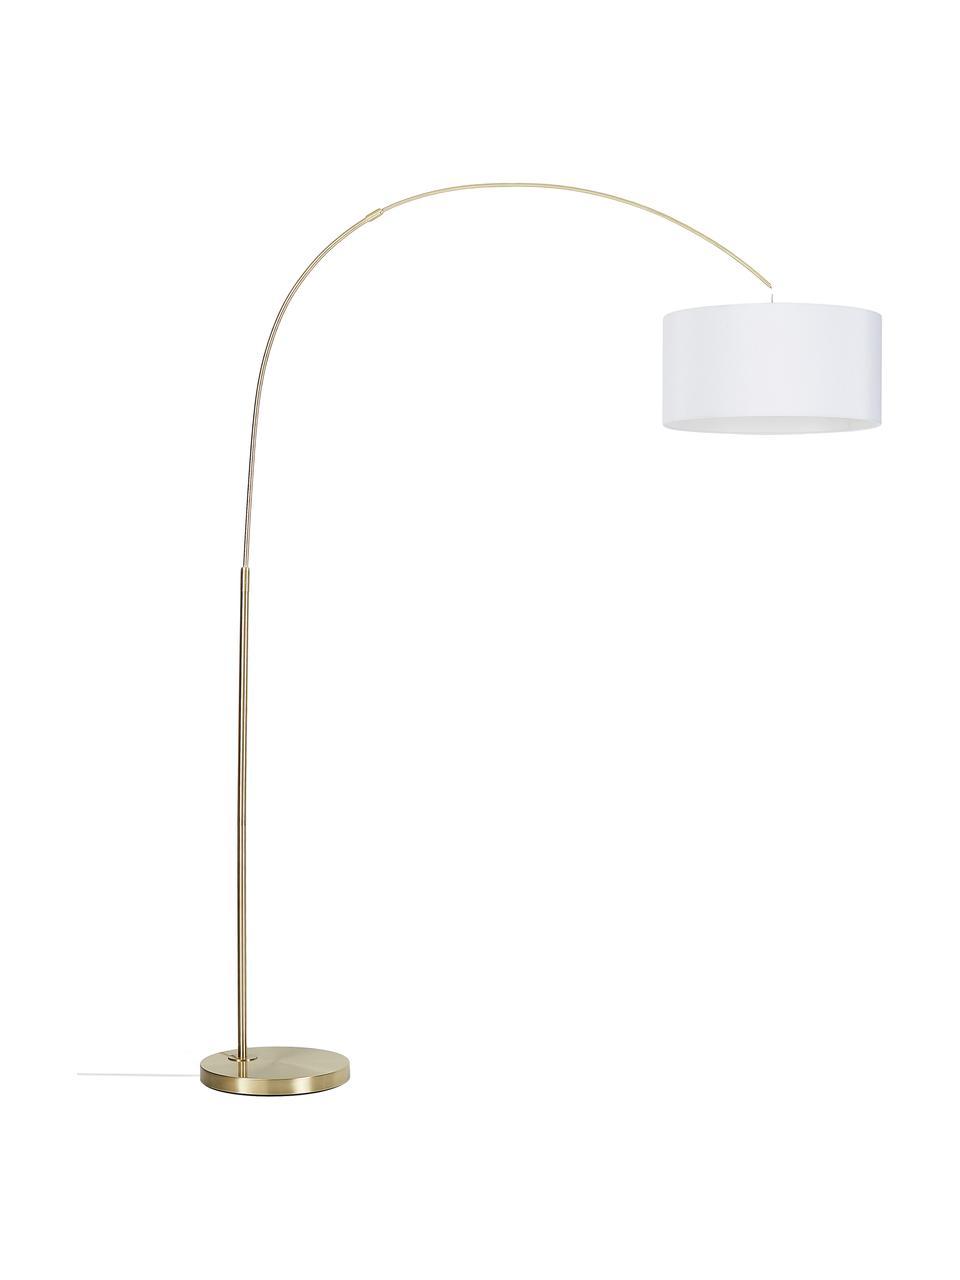 Lampada ad arco ottonata Niels, Base della lampada: metallo spazzolato, Paralume: tessile, Bianco, ottonato, trasparente, Ø 50 x Alt. 218 cm